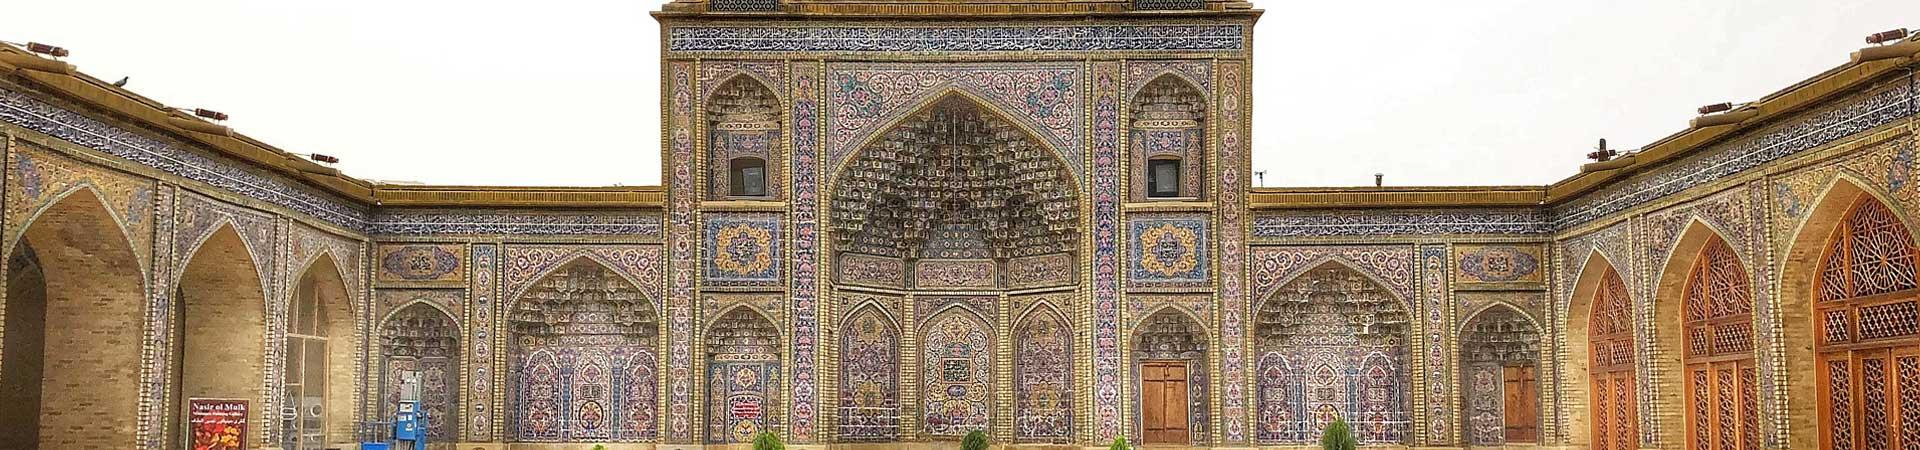 9D6N Majestic Iran